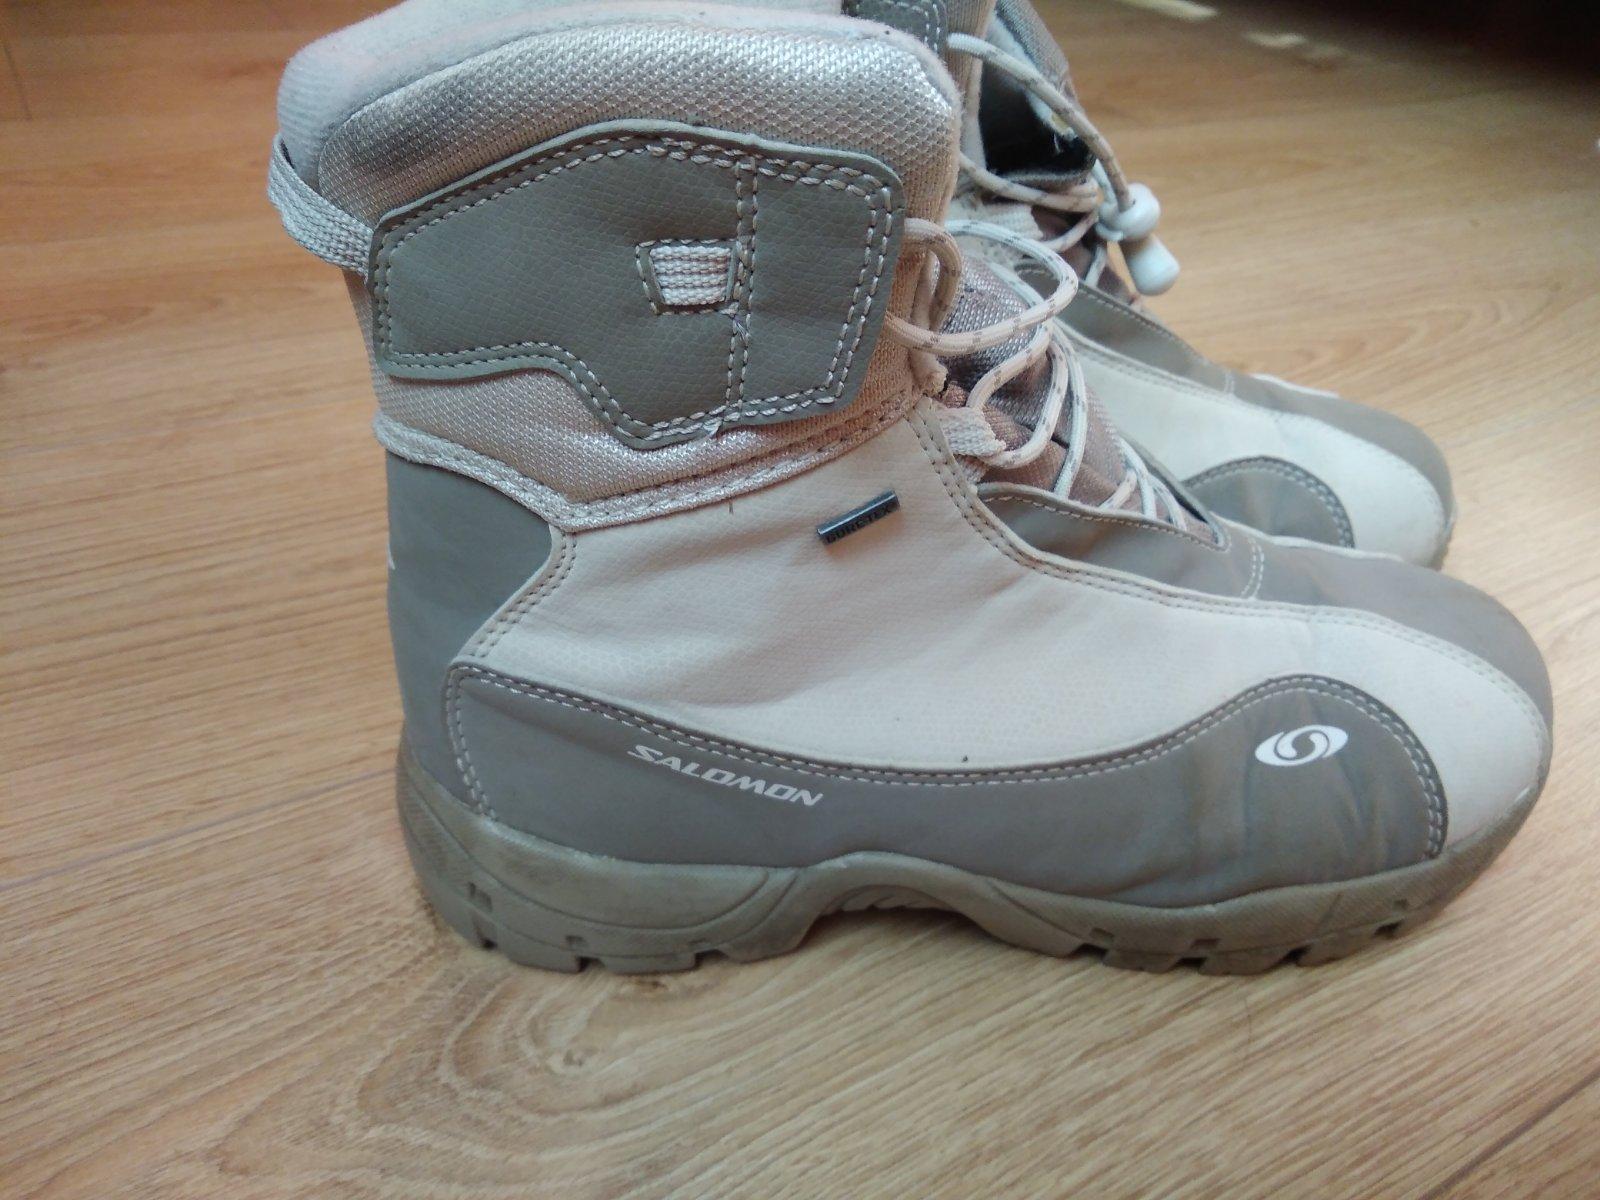 Salomon gore-tex zimní boty 2044022276